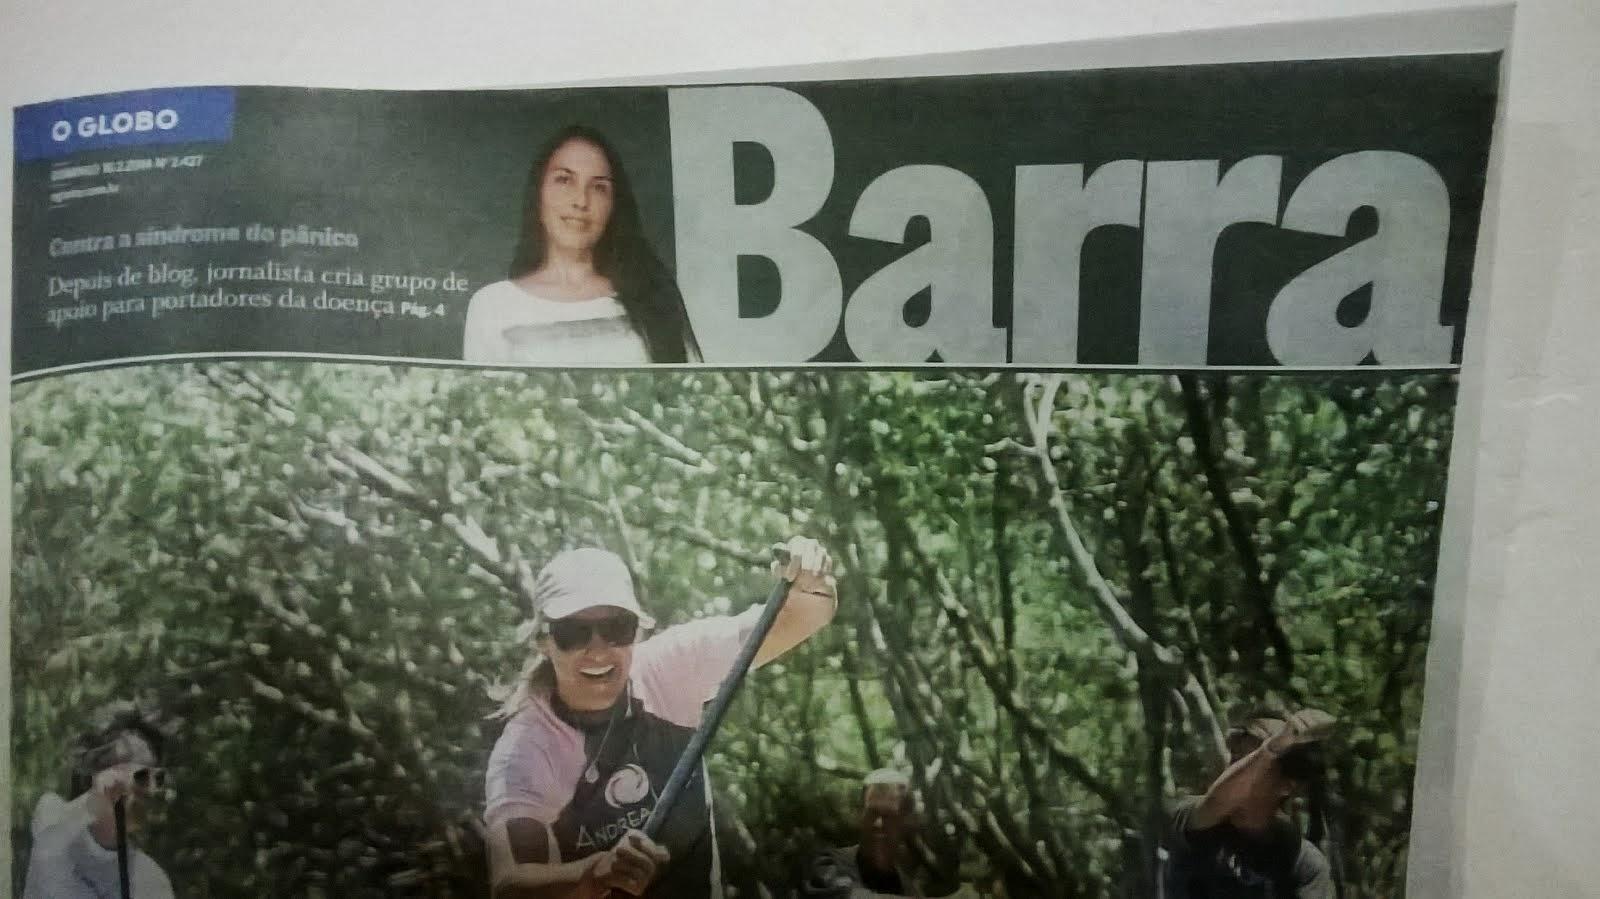 Matéria sobre o grupo de apoio Sem Transtorno publicada no jornal O Globo Barra (fev/2014)